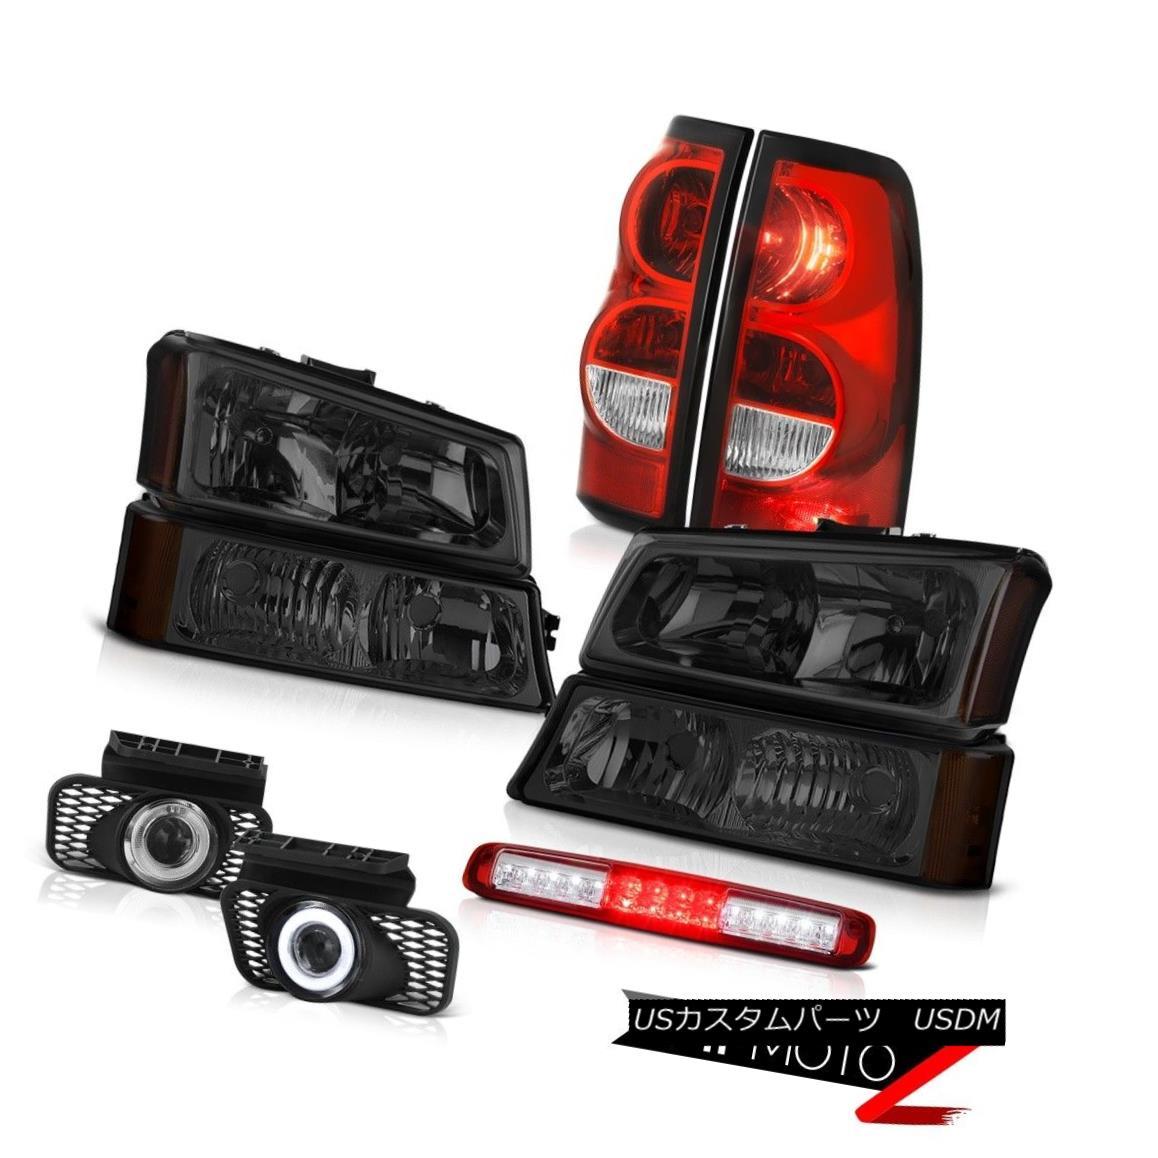 テールライト 03-06 Silverado Red Third Brake Light Foglights Rear Lamps Signal Lamp Headlamps 03-06シルバラードレッド第3ブレーキライトフォグライトリアランプシグナルランプヘッドランプ